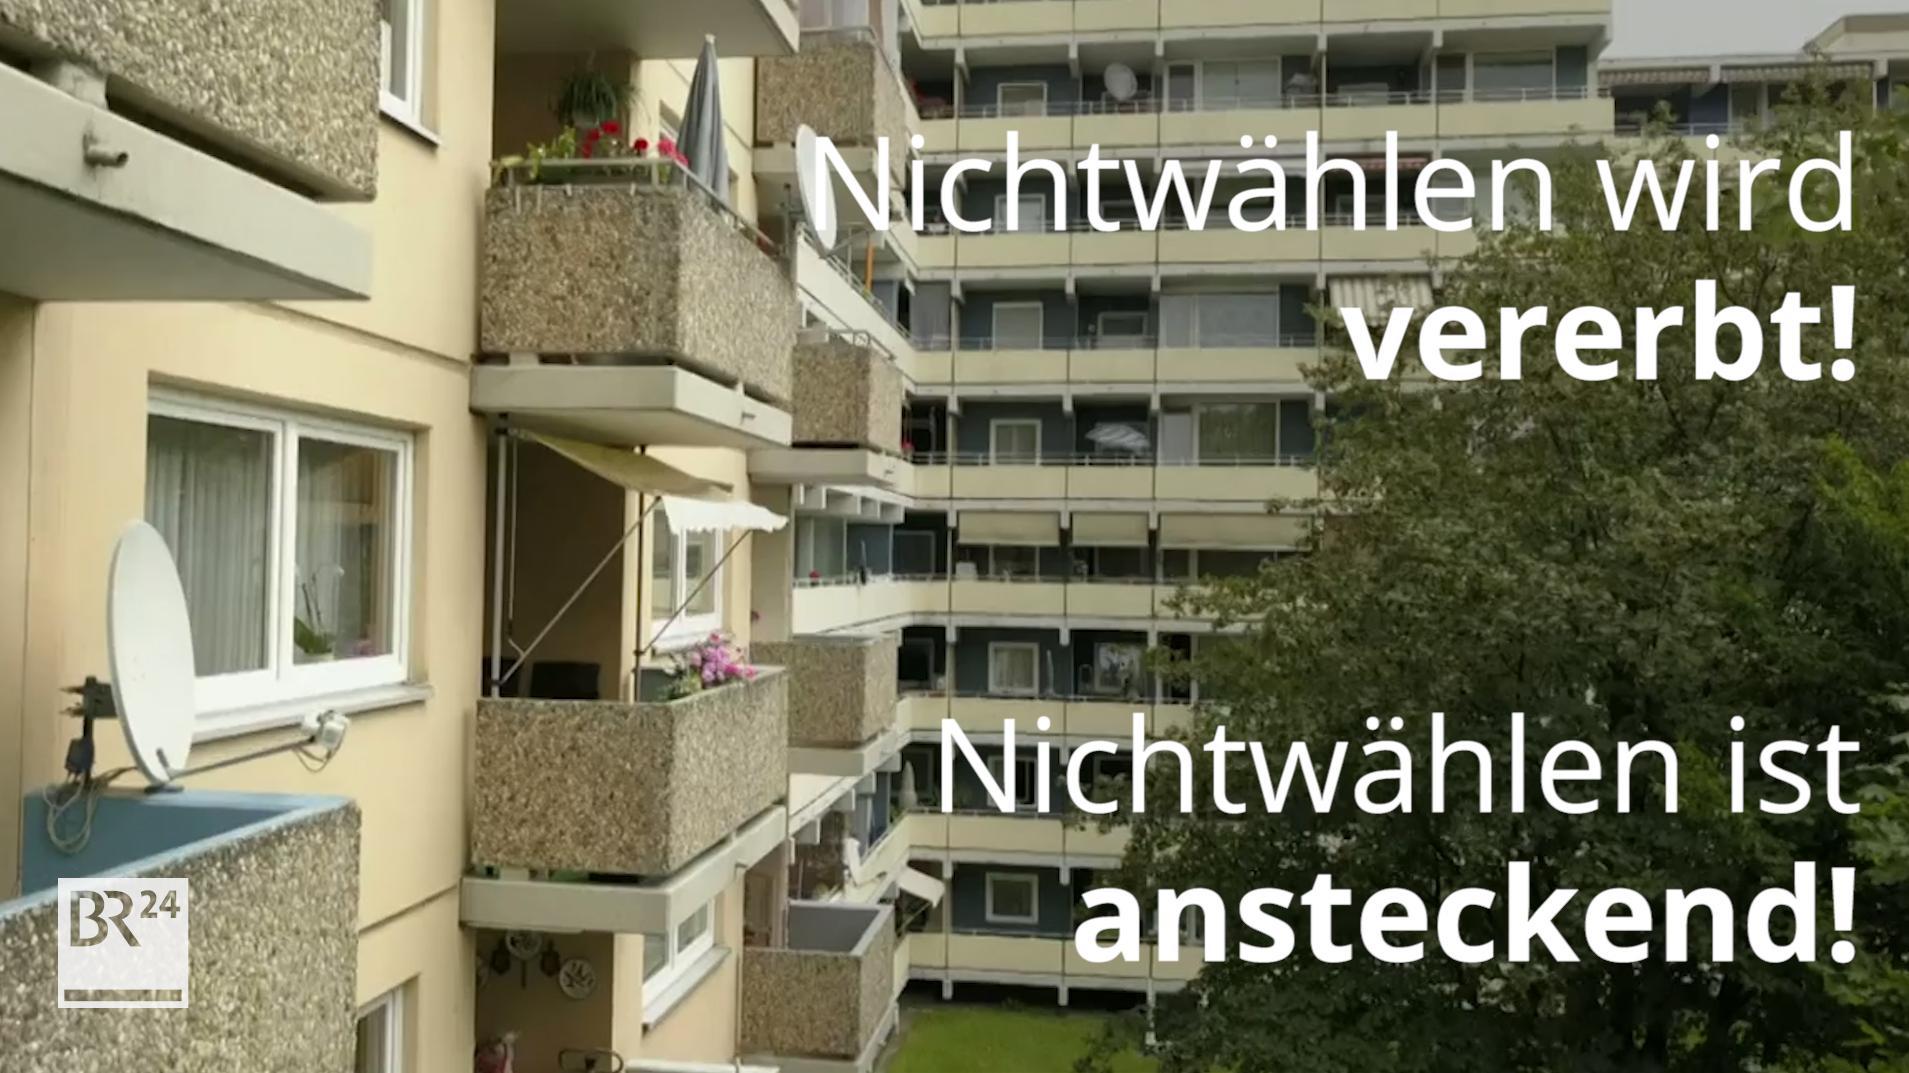 """Wohnsiedlung mit Hochhäusern und dem Schriftzug davor: """"Nichtwählen ist ansteckend!"""""""